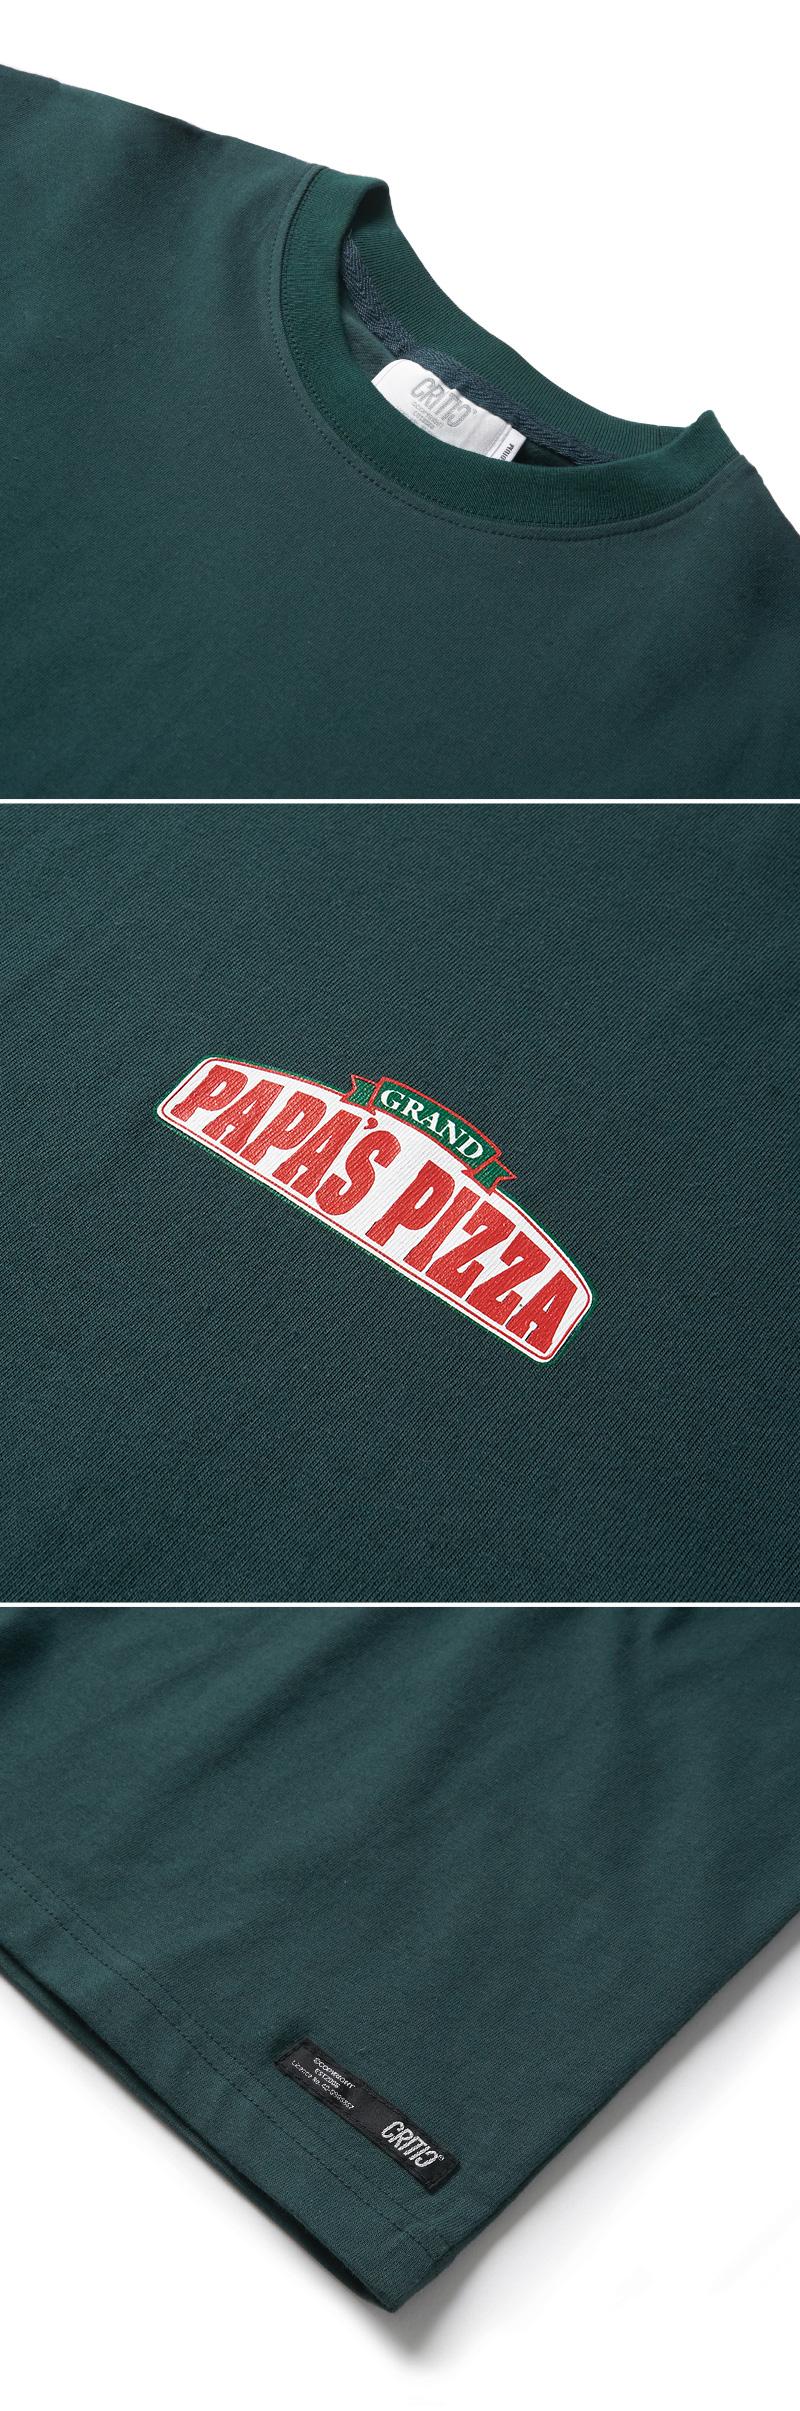 크리틱(CRITIC) PIZZA BOY CHICKEN KILLER T-SHIRT(FOREST GREEN)_CTONURS01UG1